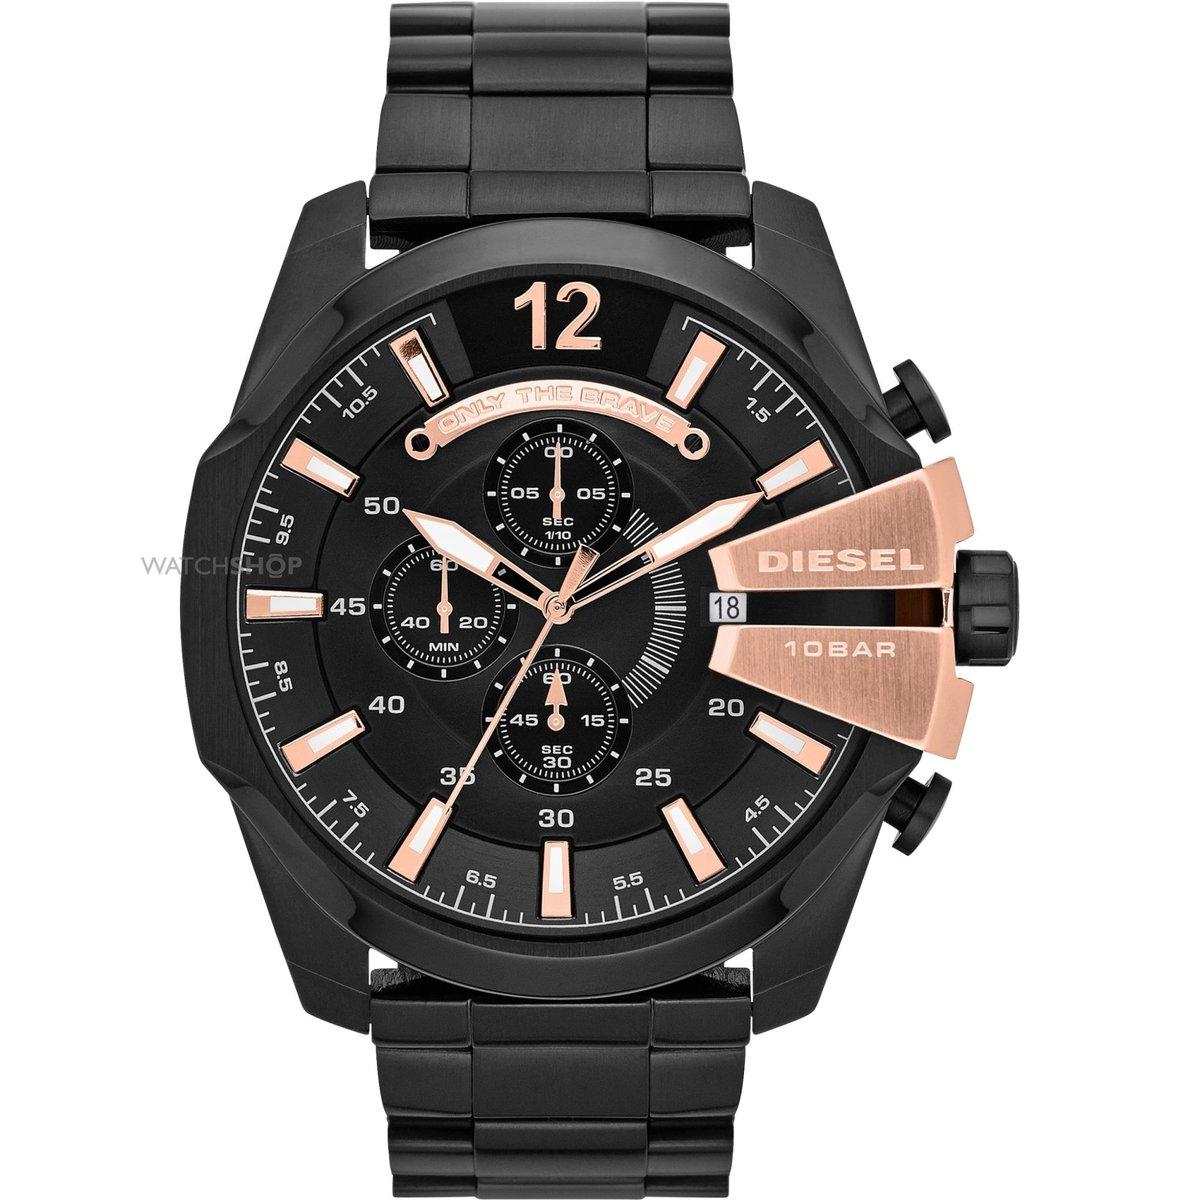 Копия часов diesel — timeframes — dz выполнена в привлекательной гамме, дополняет стиль часов кожаный ремешок с классической застежкой.